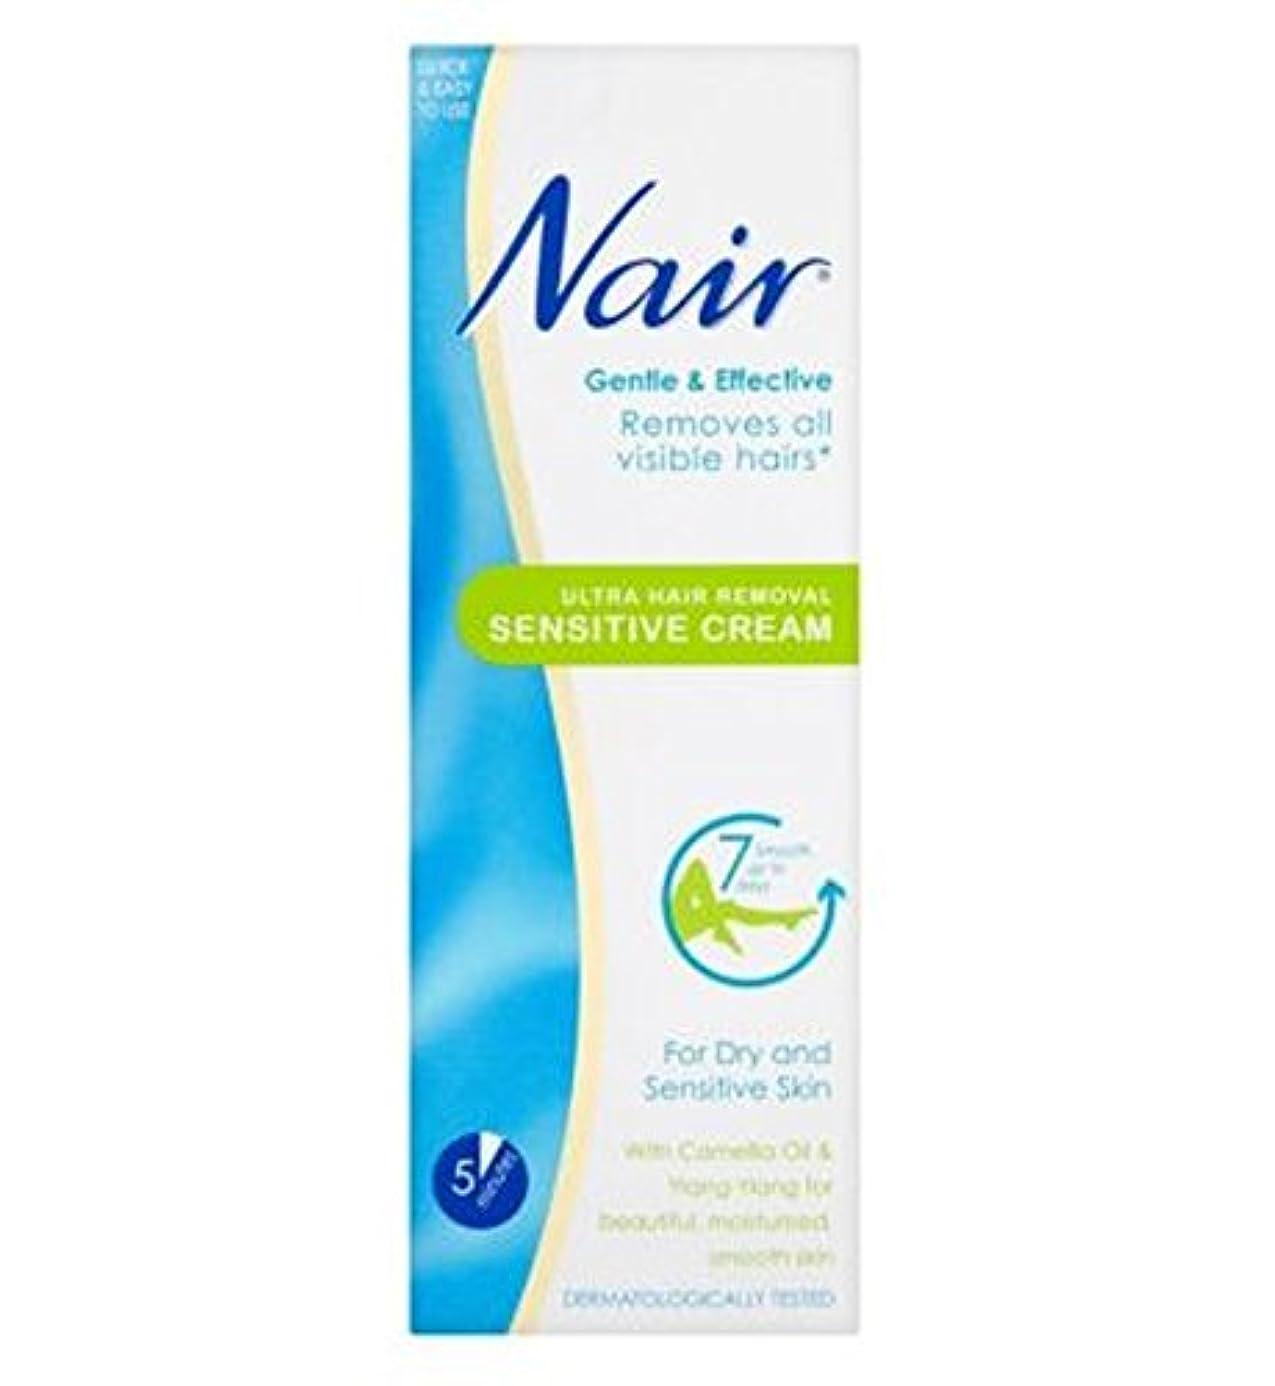 シャットコンパイル中間Nair Sensitive Hair Removal Cream 200ml - Nairさん敏感な脱毛クリーム200ミリリットル (Nair) [並行輸入品]